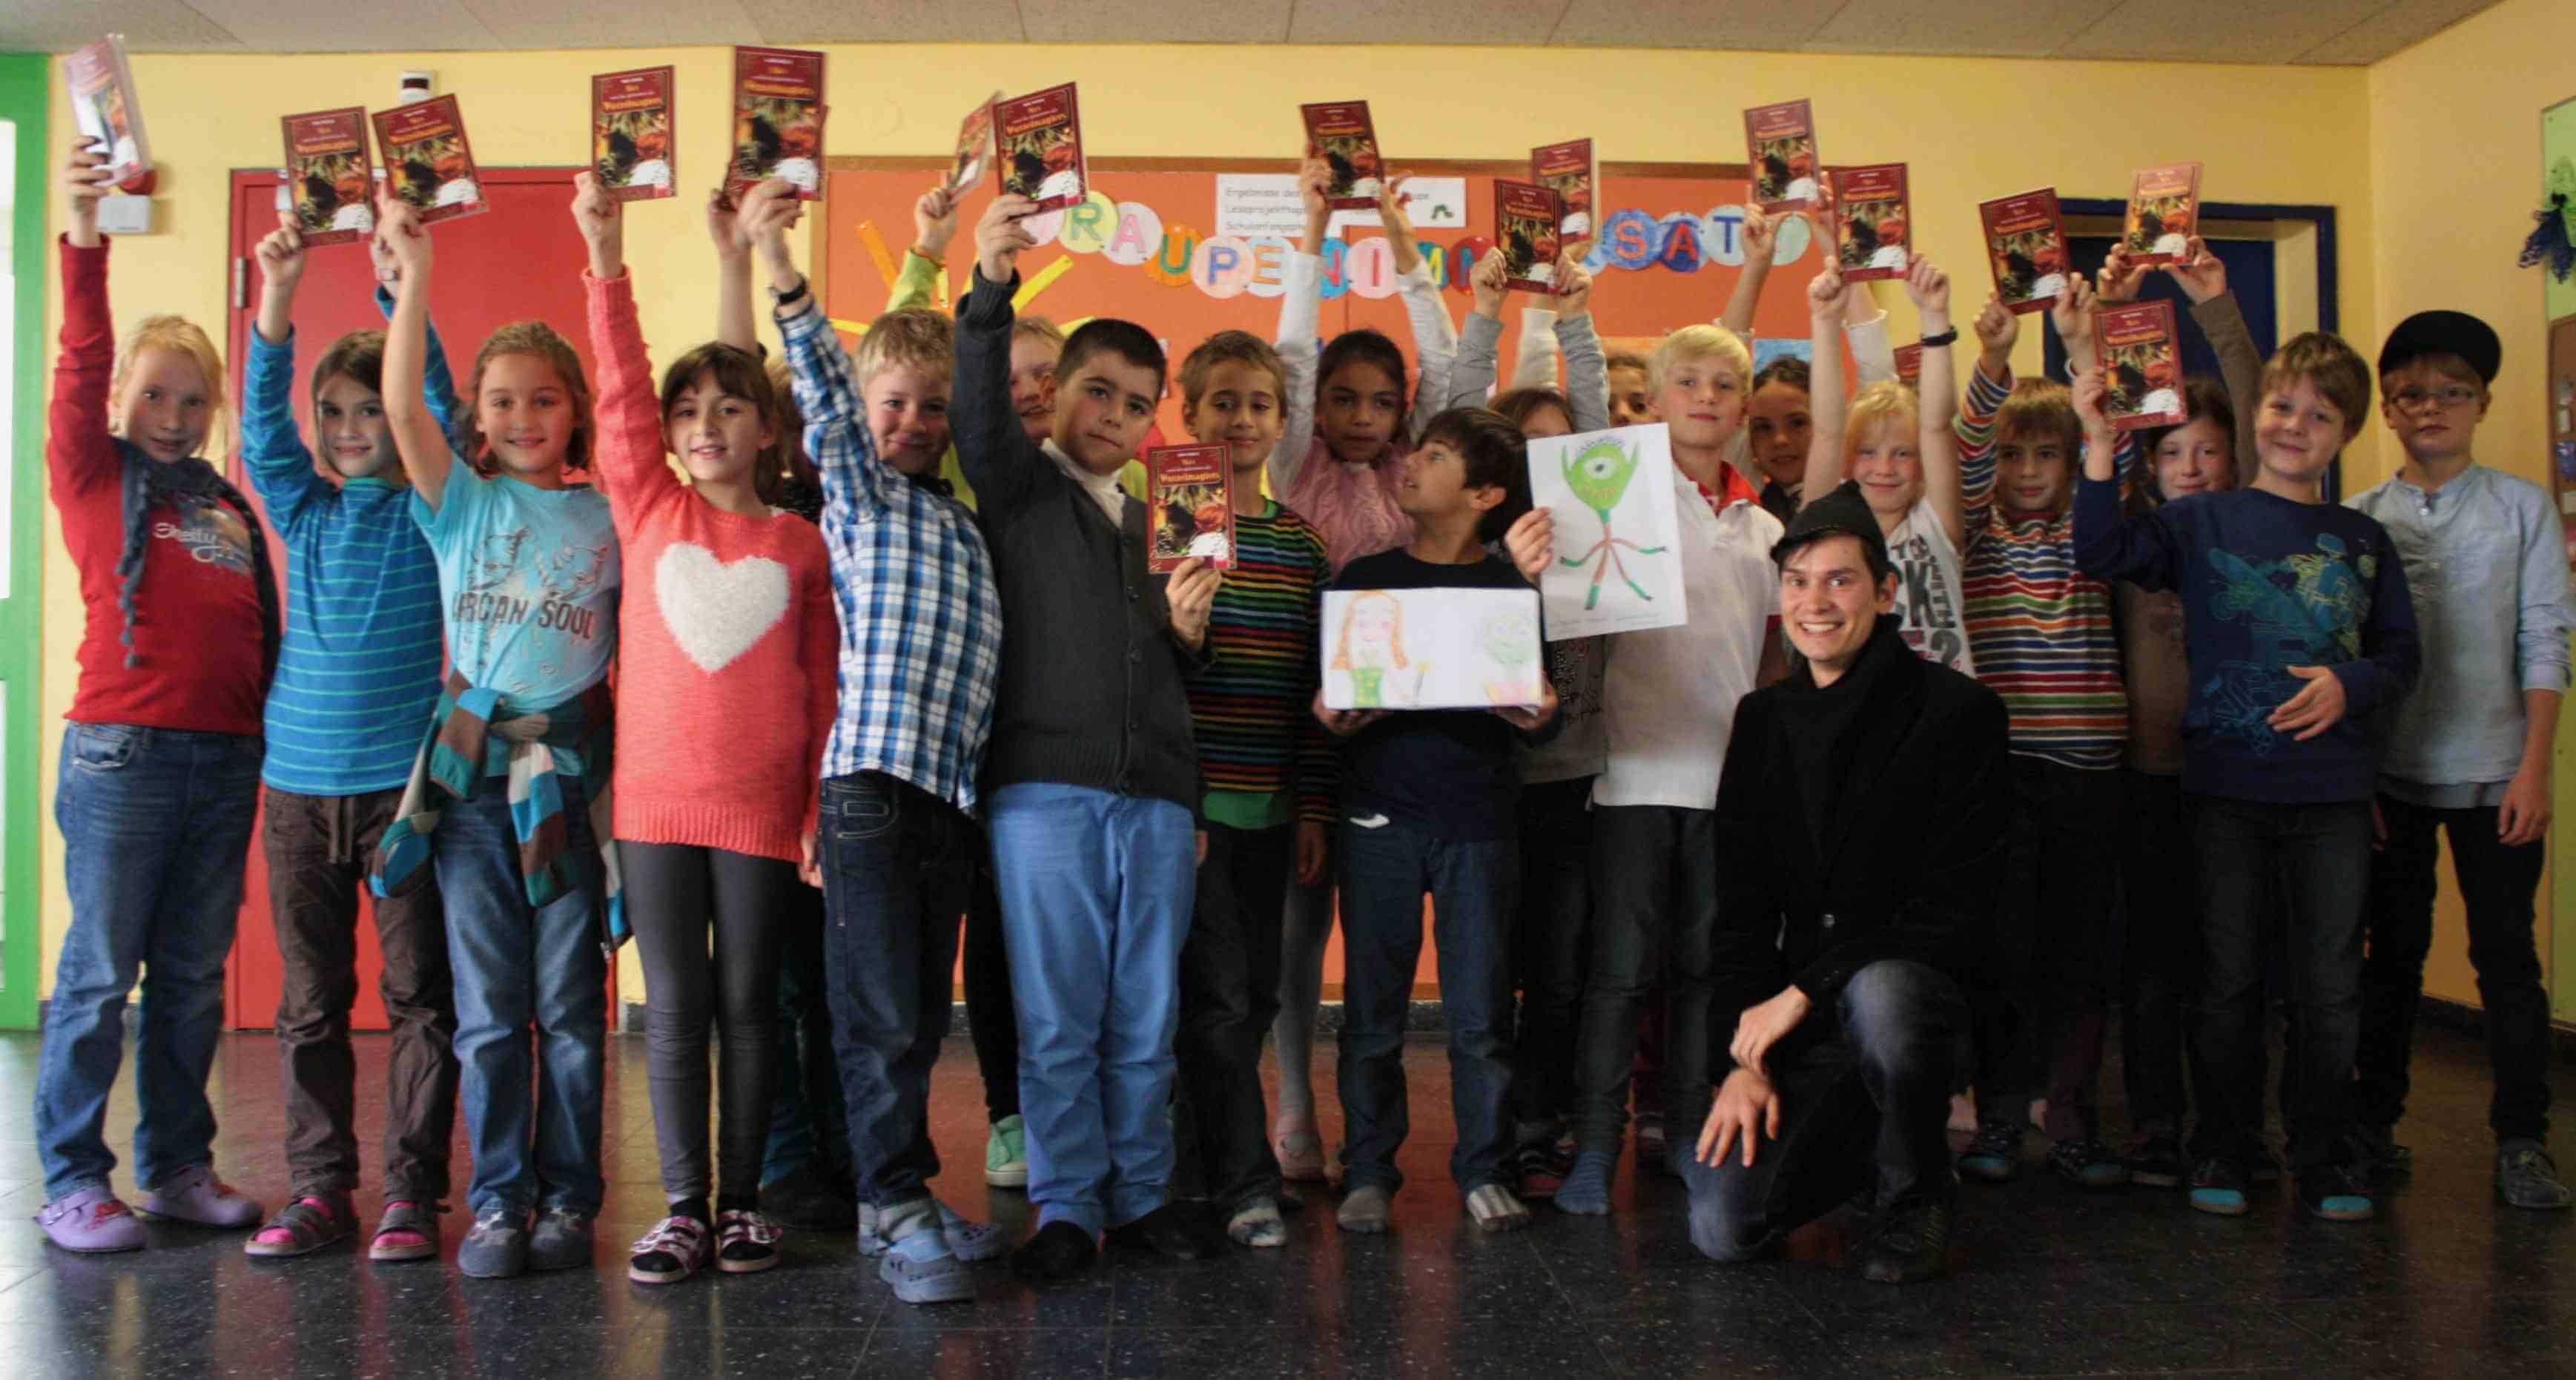 Filips Glücksfee macht das Rennen: Grundschule am Karpfenteich gewinnt Malwettbewerb